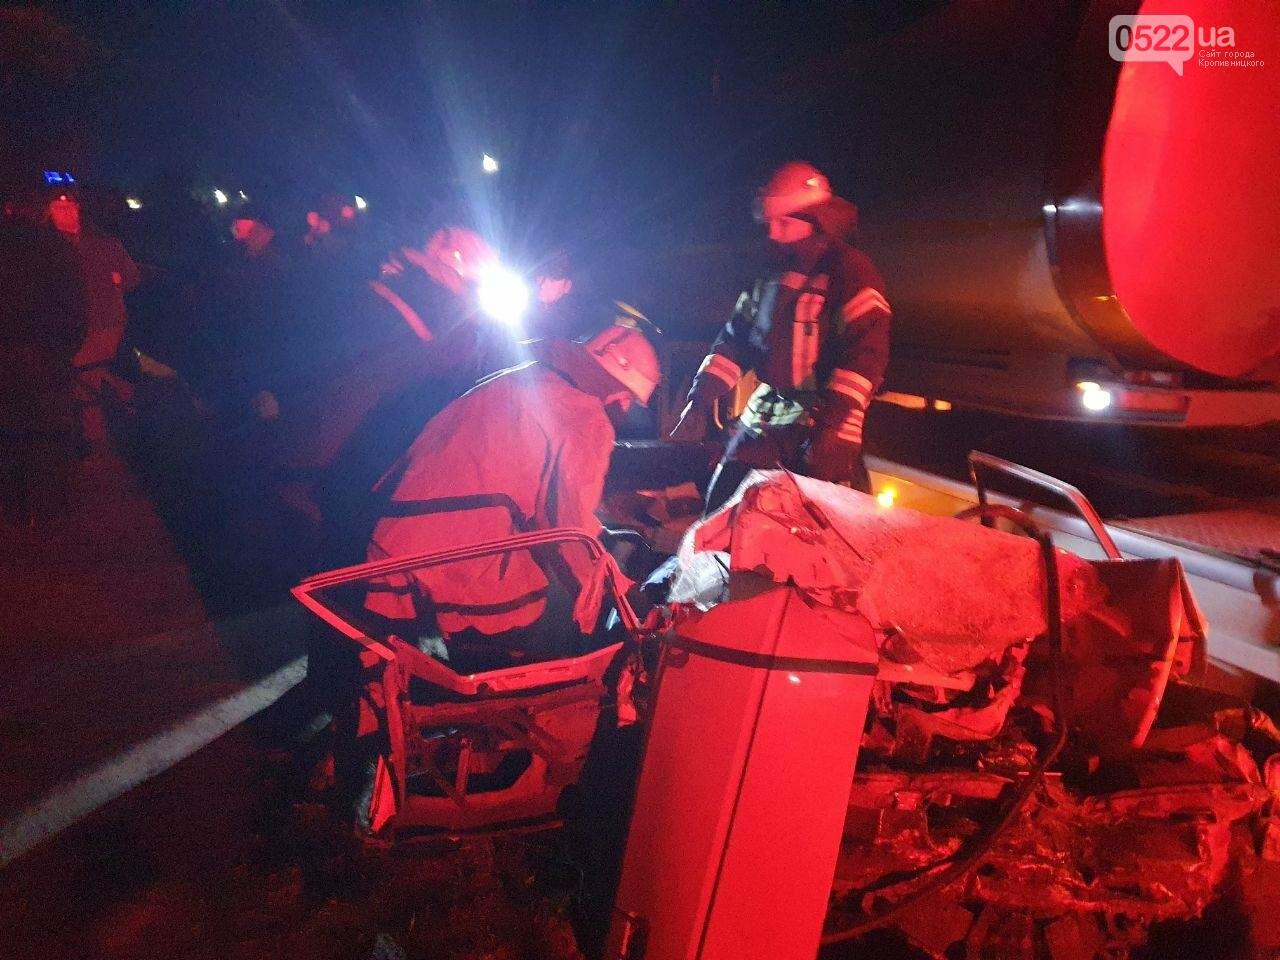 ДТП на Кіровоградщині: У результаті зіткнення вантажівки та легковика загинули 4 людини, фото-1